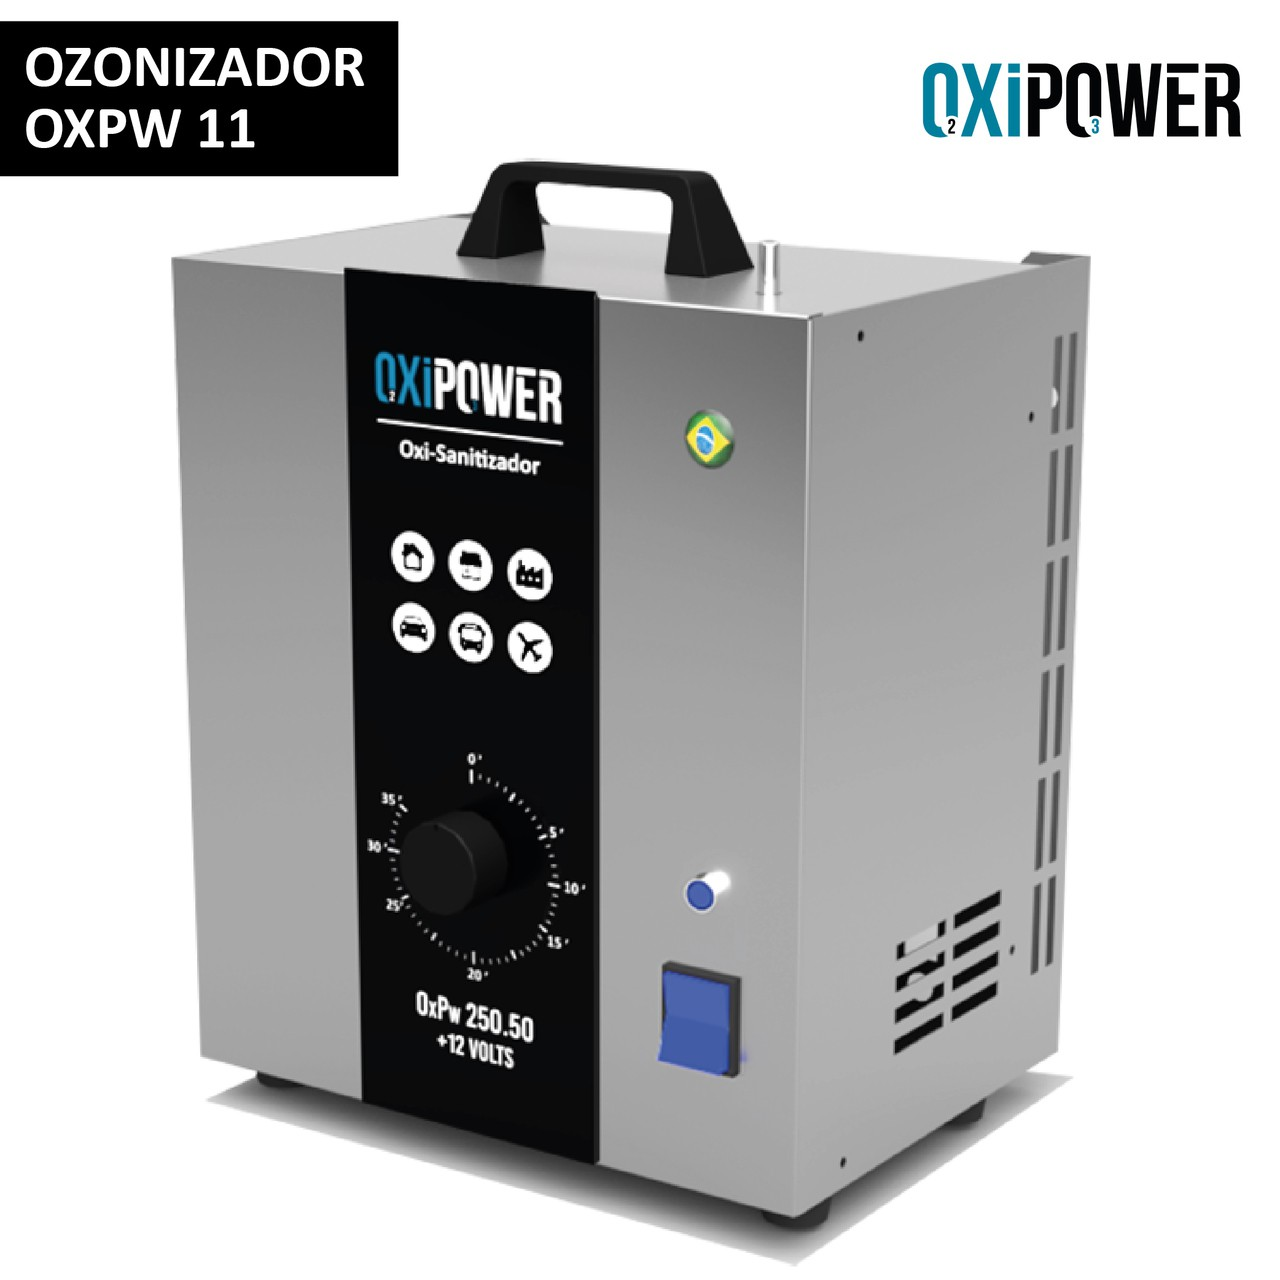 OXPW 11 - OXI-SANITIZADOR 2X1 PARA OZONIZADOR AR E ÁGUA - OXI 250.50 + 12 VOLTS